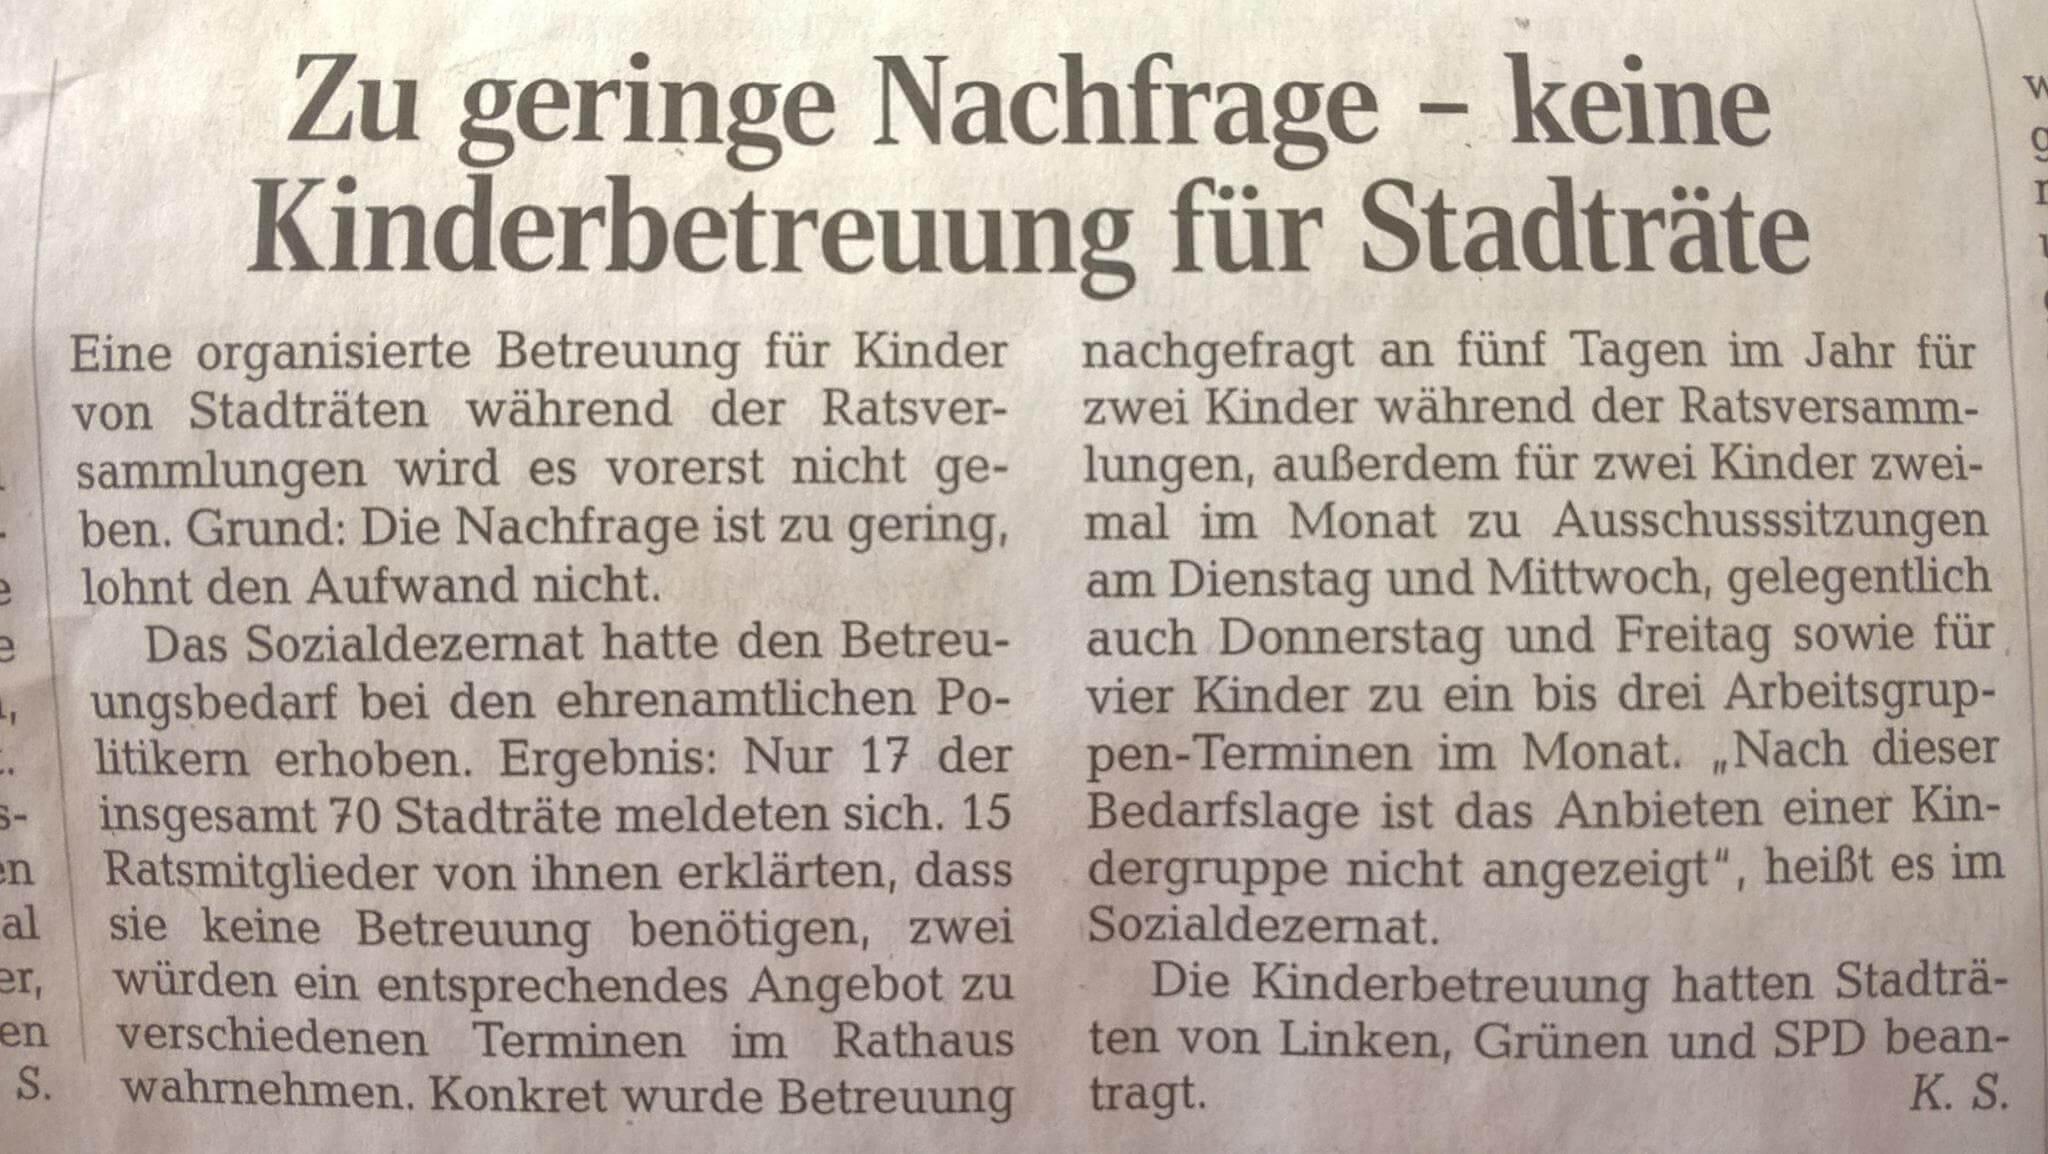 Stadtratskita in Leipzig scheitert an geringem Bedarf, Quelle: LVZ